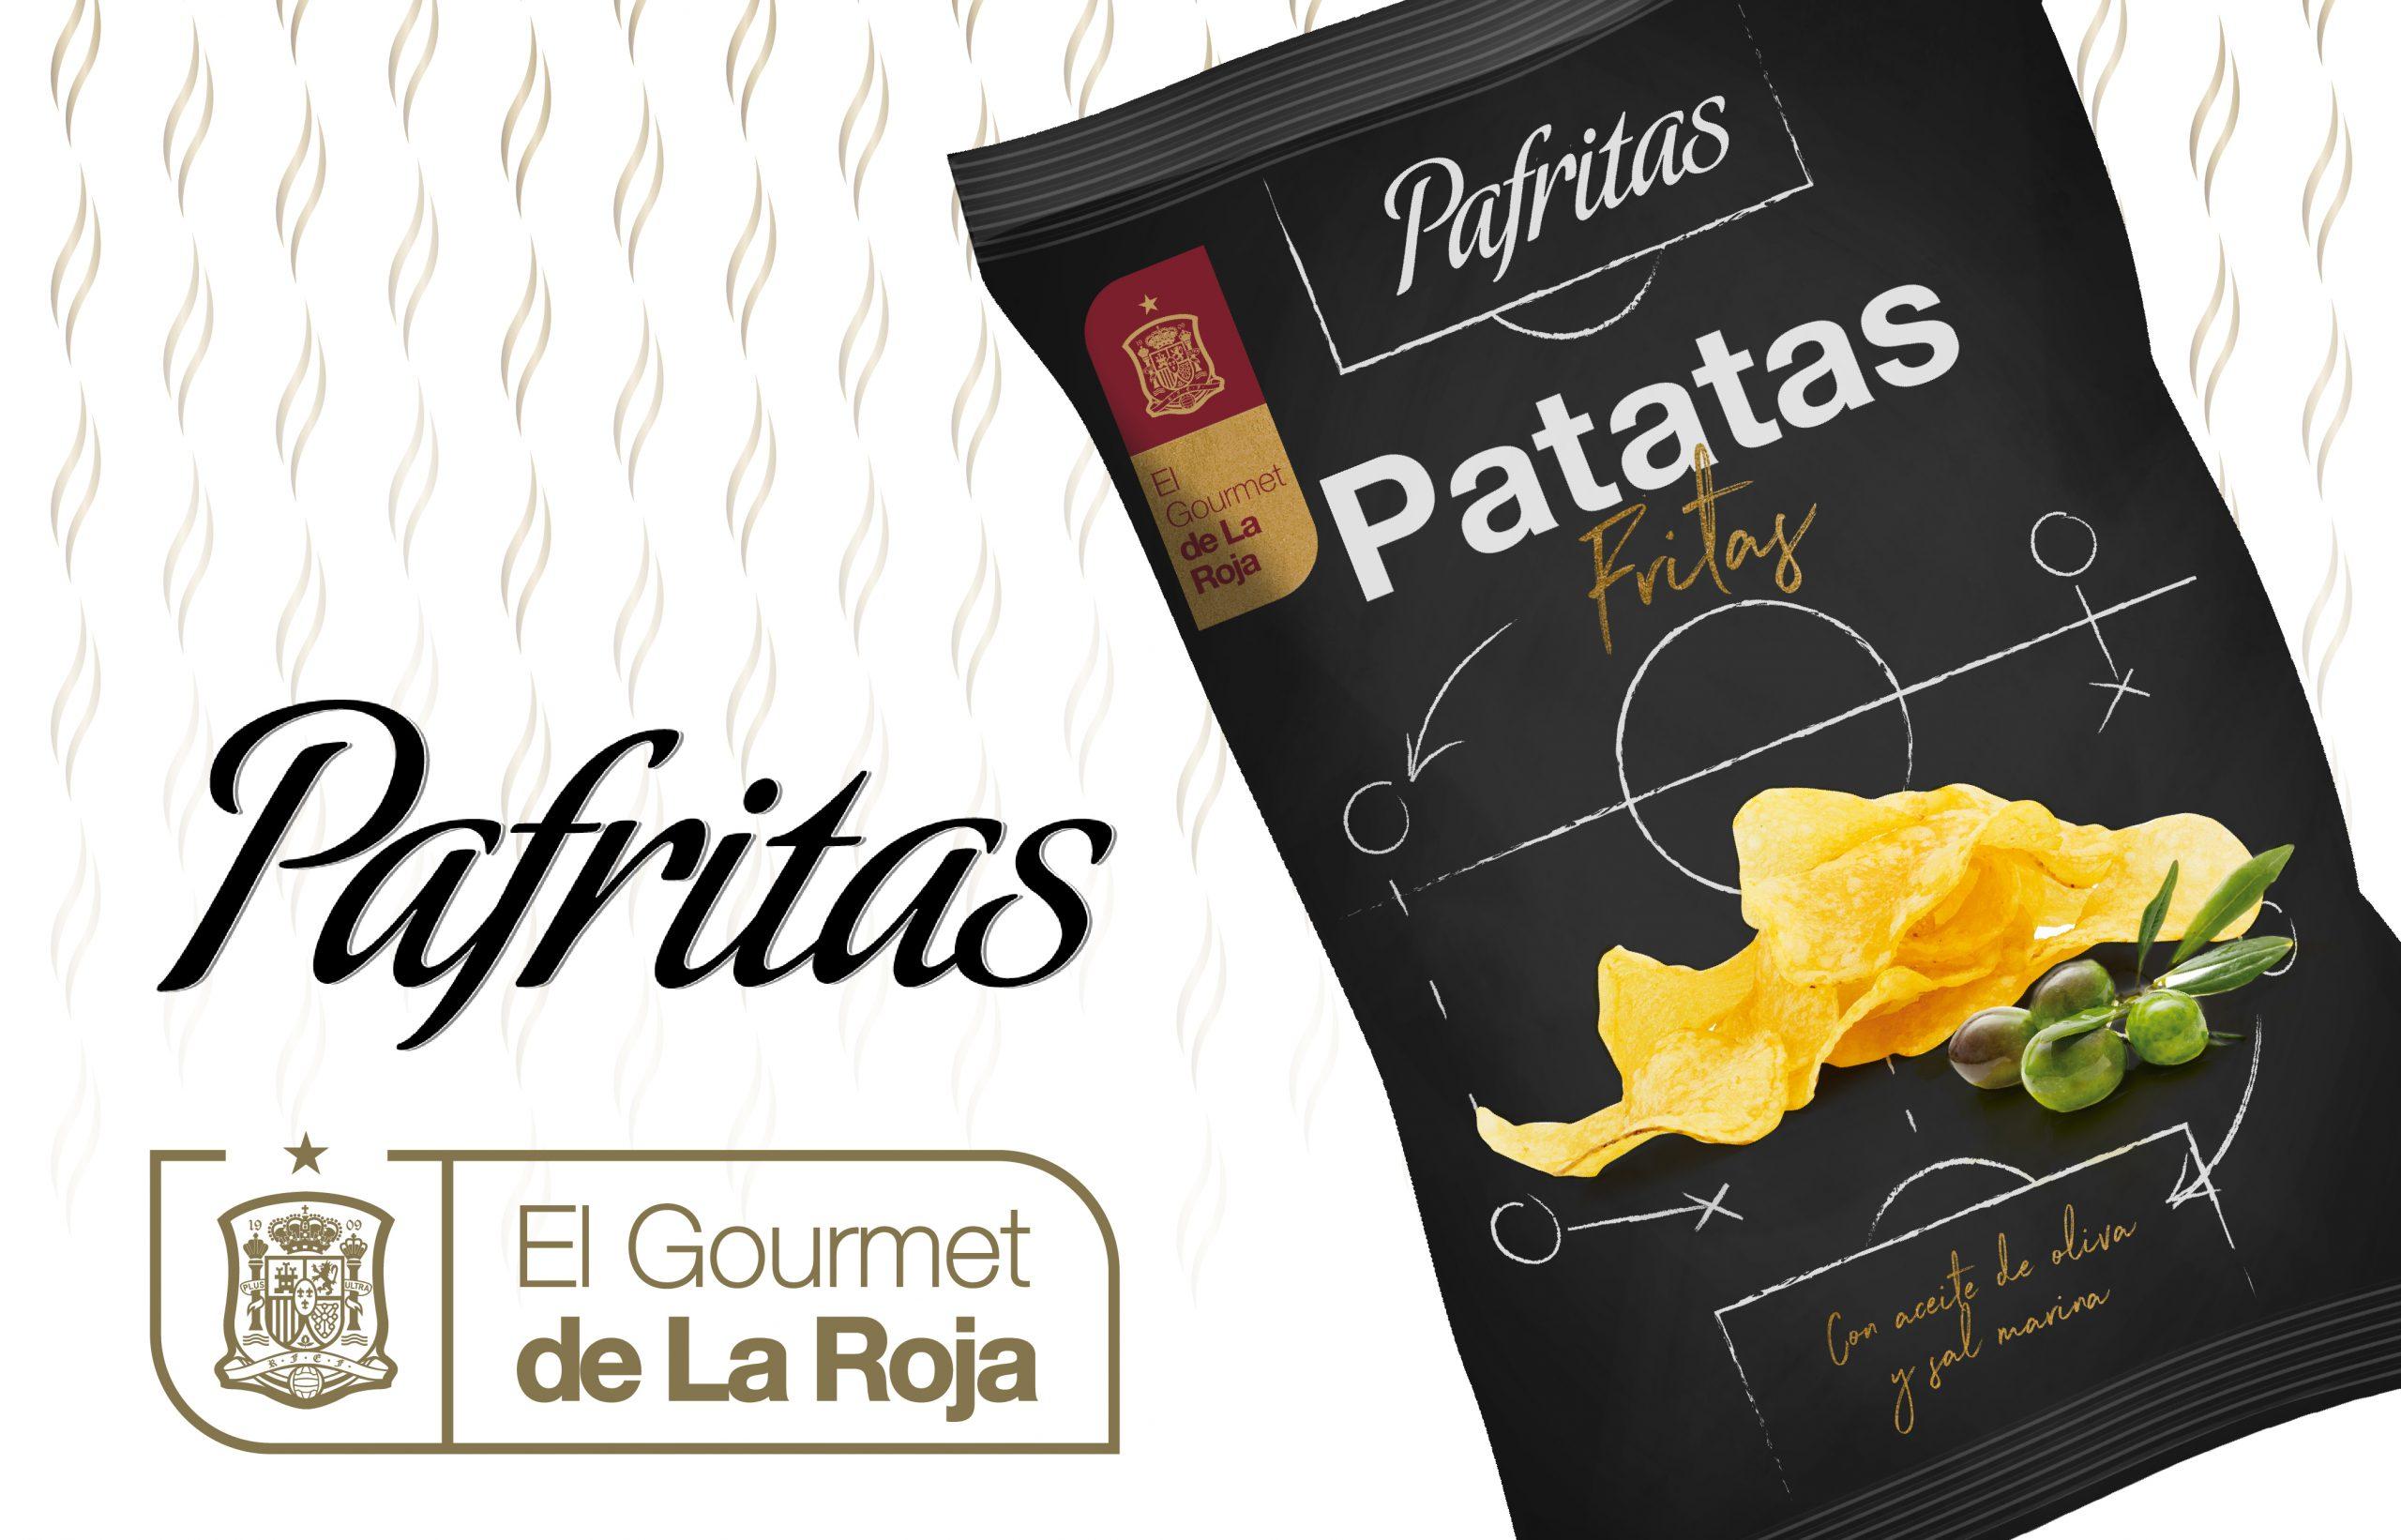 El Gourmet de La Roja - Pafritas